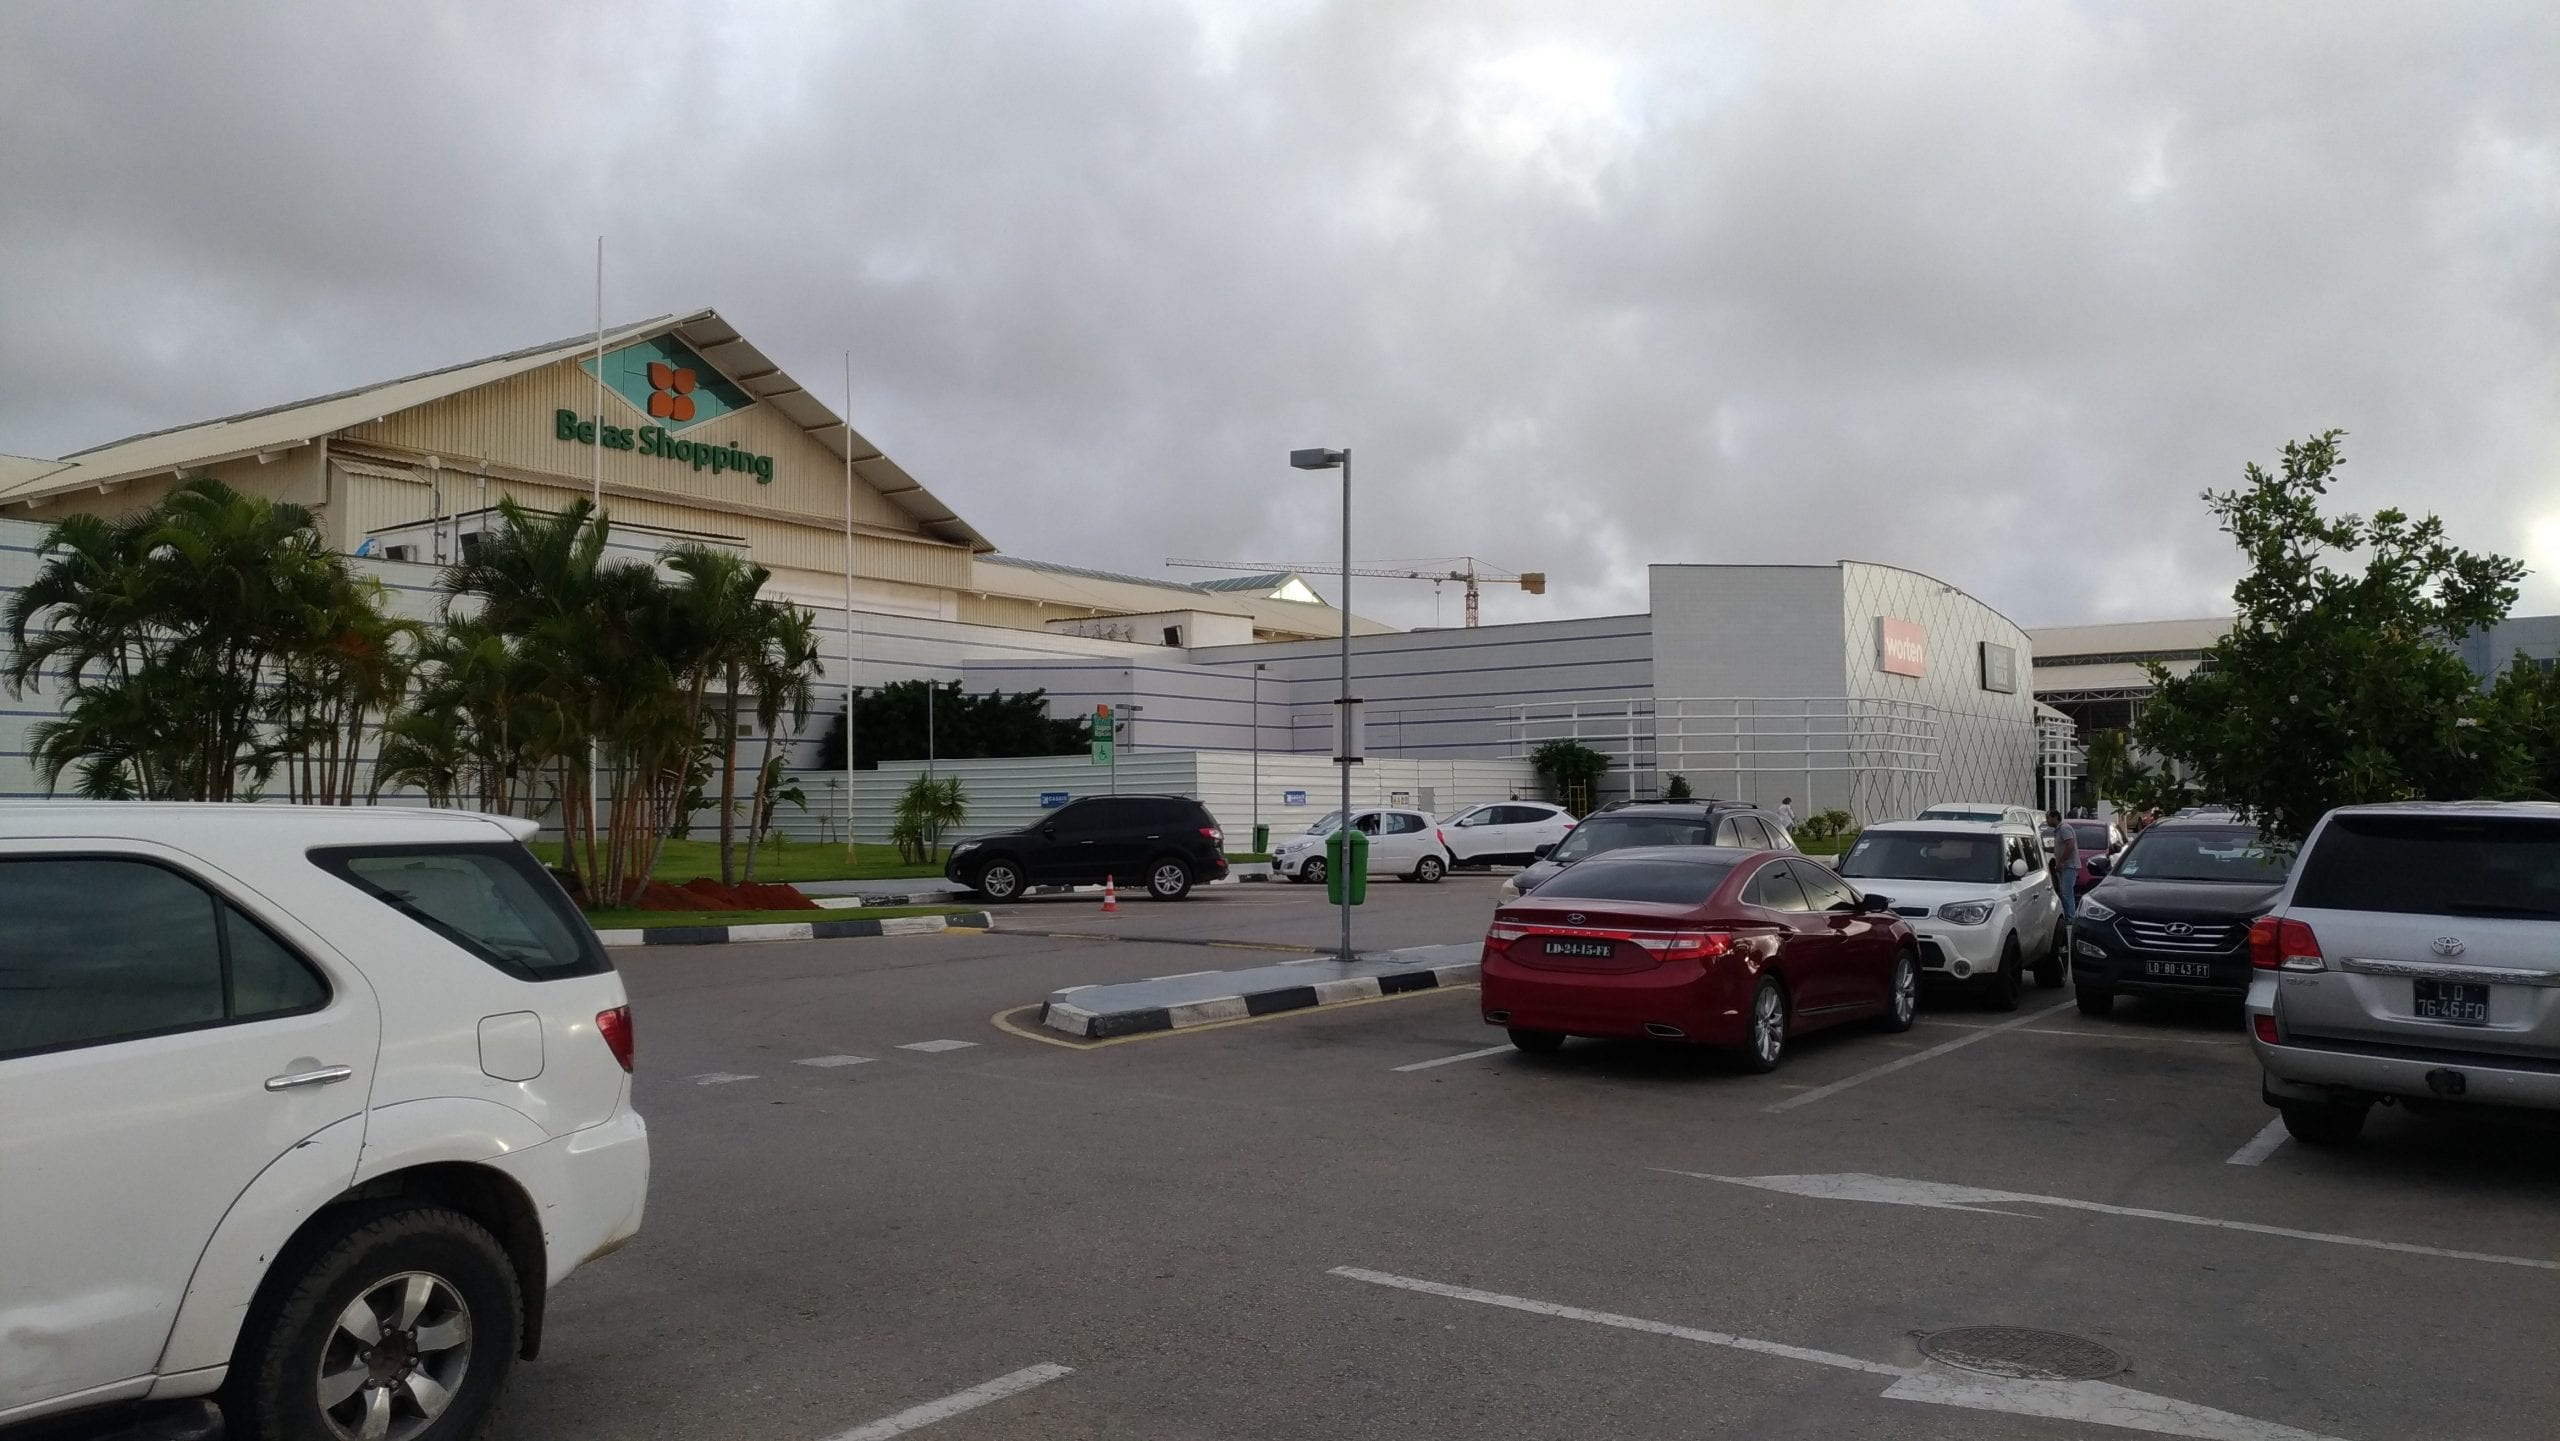 Atrium Nova Vida shopping centres in Luanda